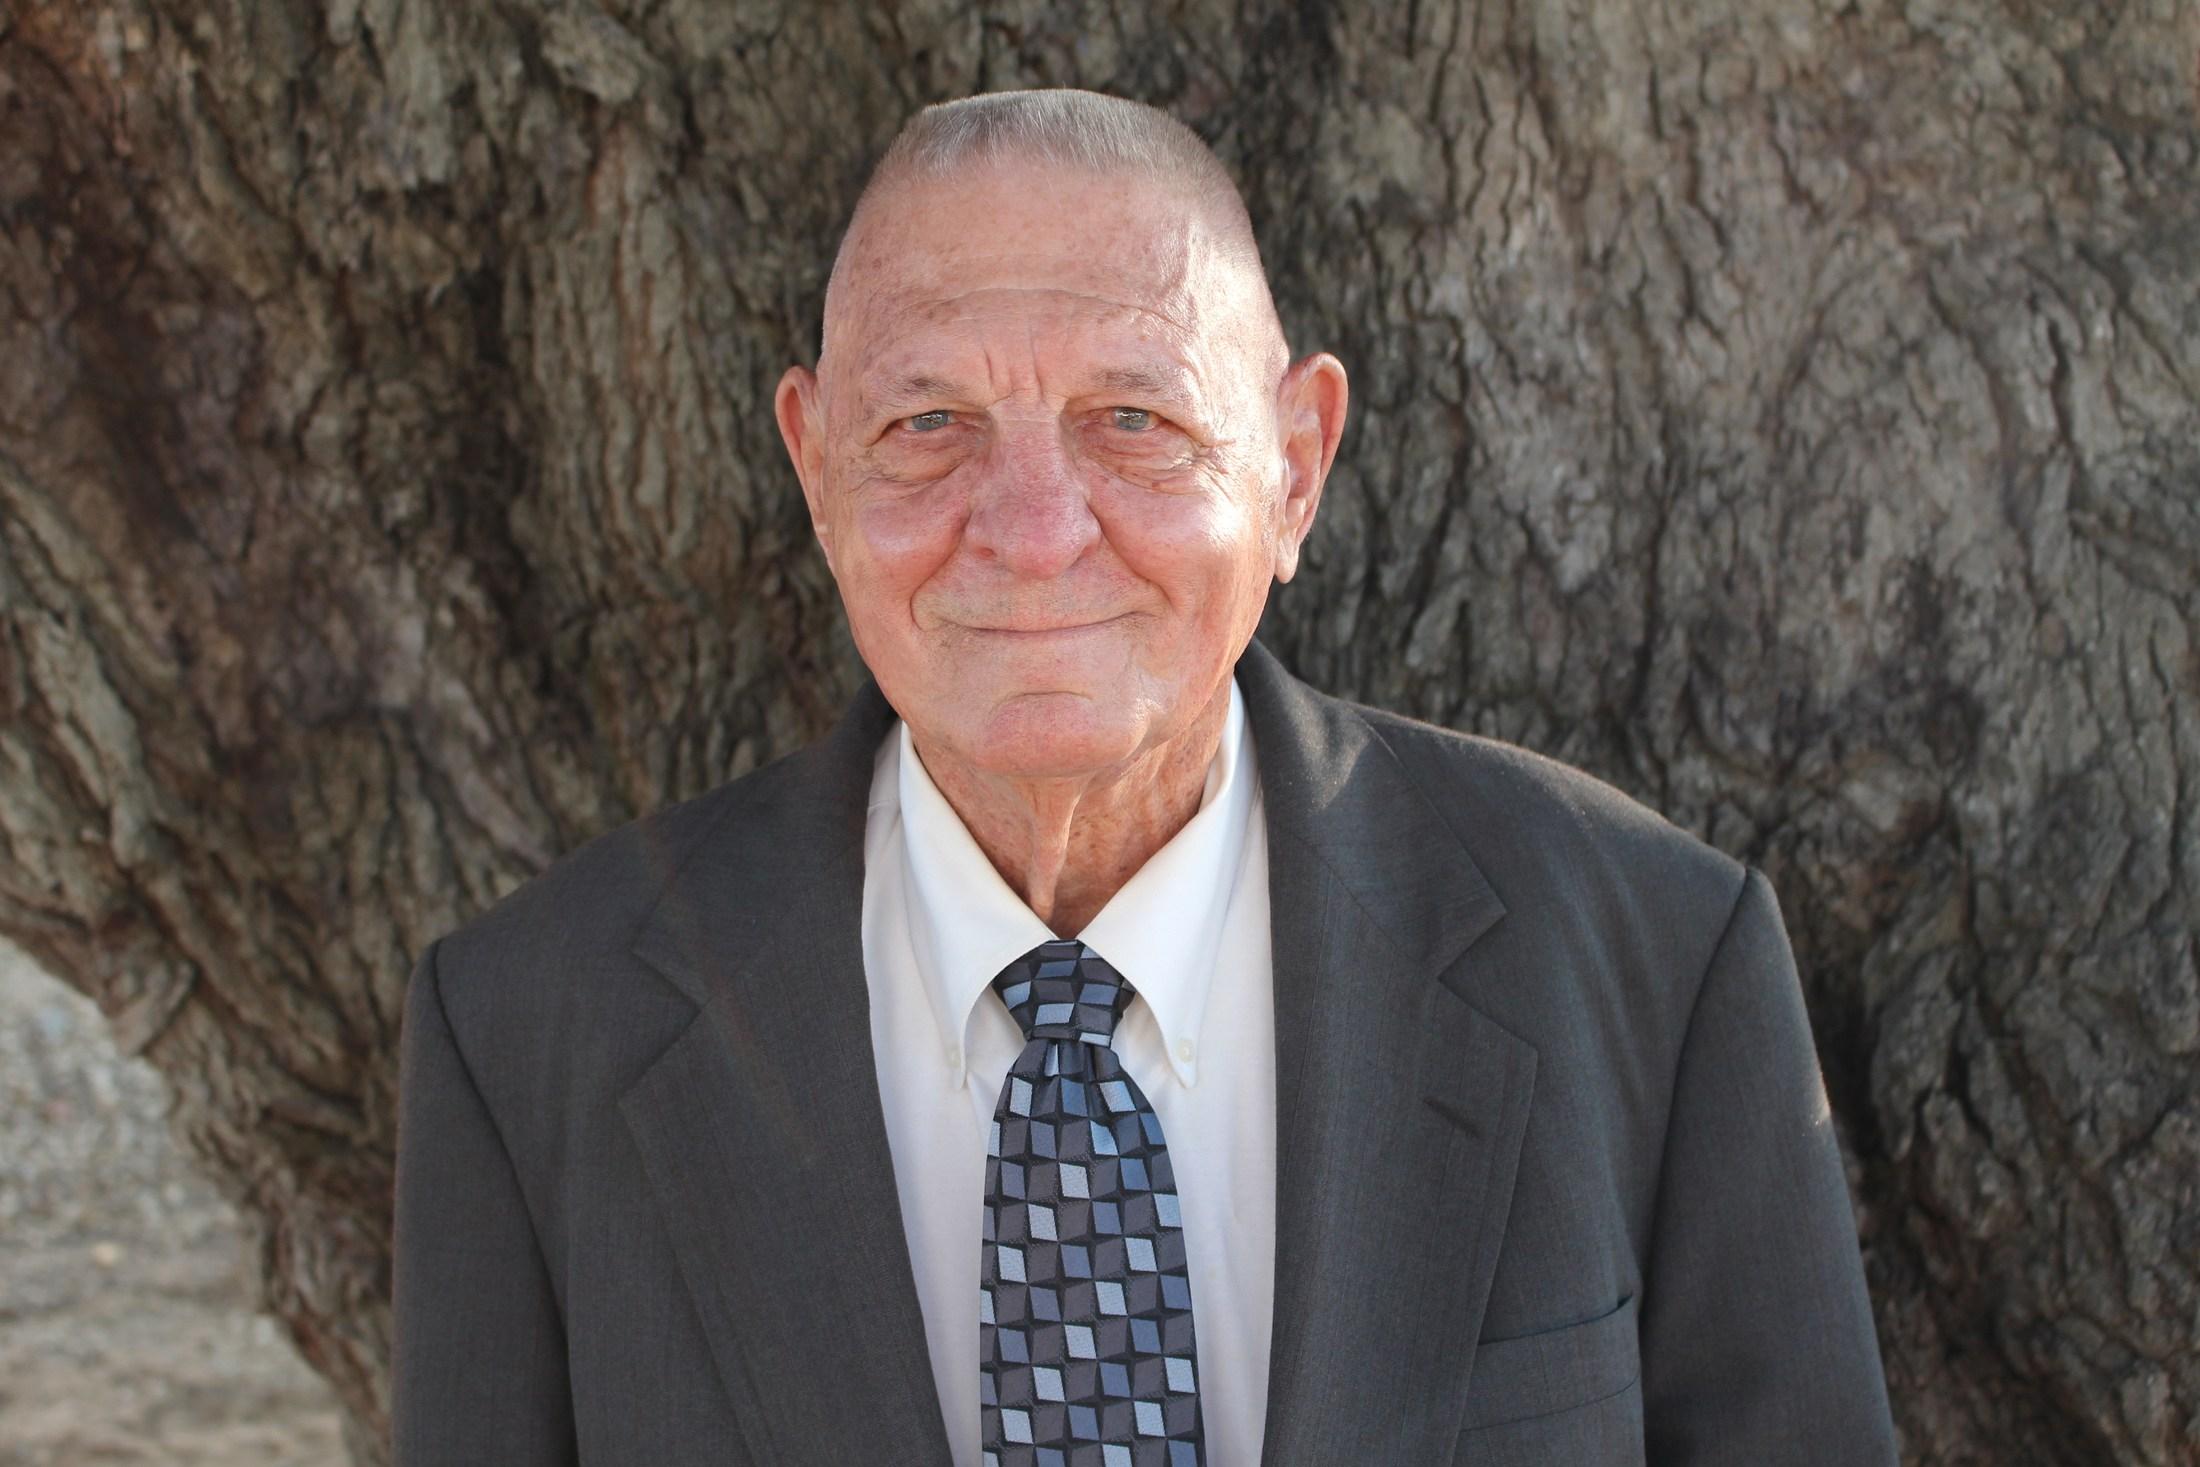 Board Trustee President - Frank A. Tudyk Jr.